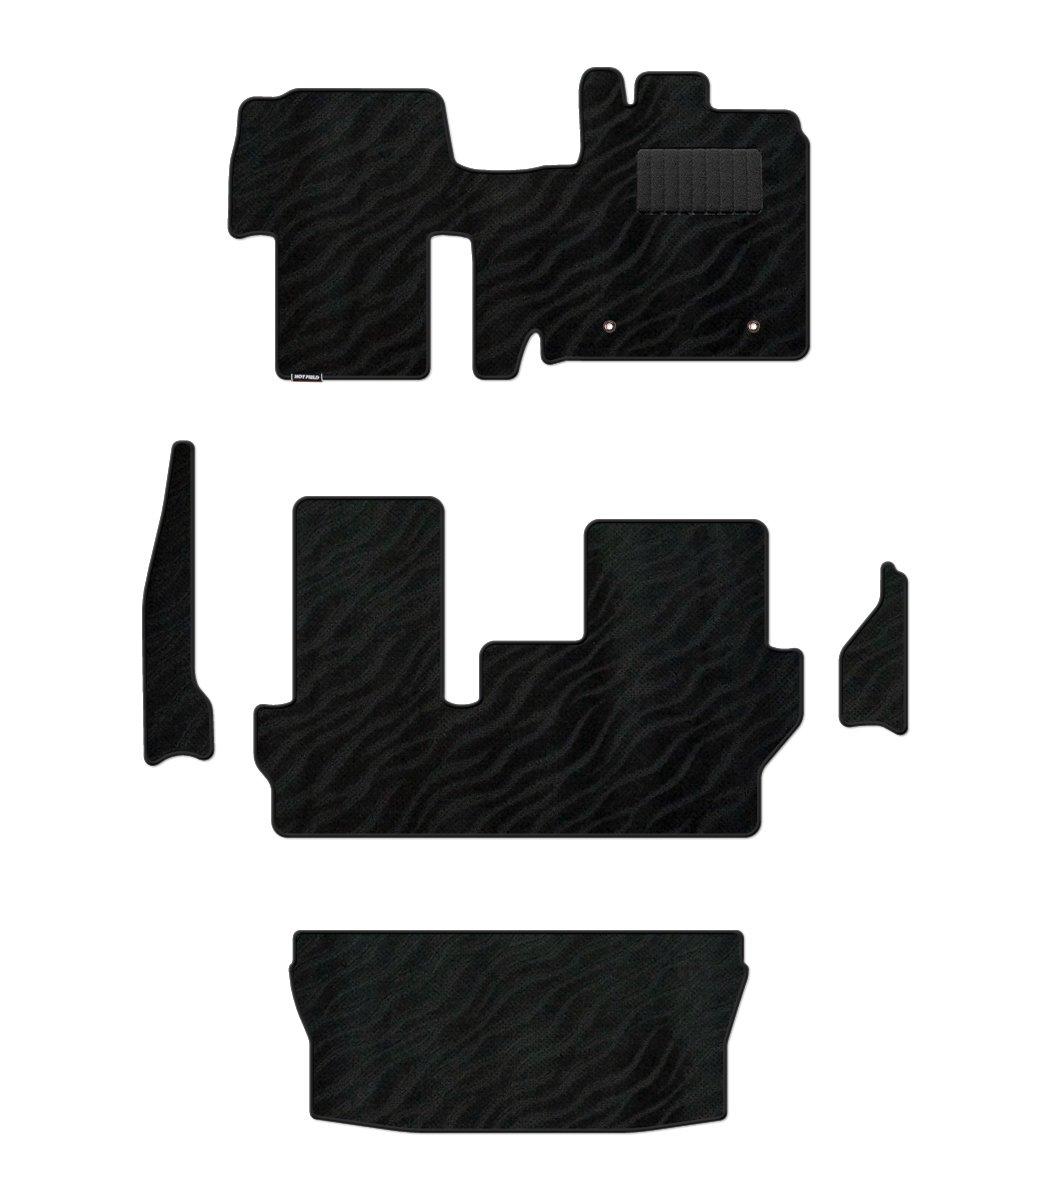 Hotfield ダイハツ タント タントカスタム LA600S フロアマット&トランクマット&ステップマット LA610S対応 WAVEブラック フロント一体式/リアヒーターダクト:有 B079NS2CT3 フロント一体式/リアヒーターダクト:有|WAVEブラック WAVEブラック フロント一体式/リアヒーターダクト:有